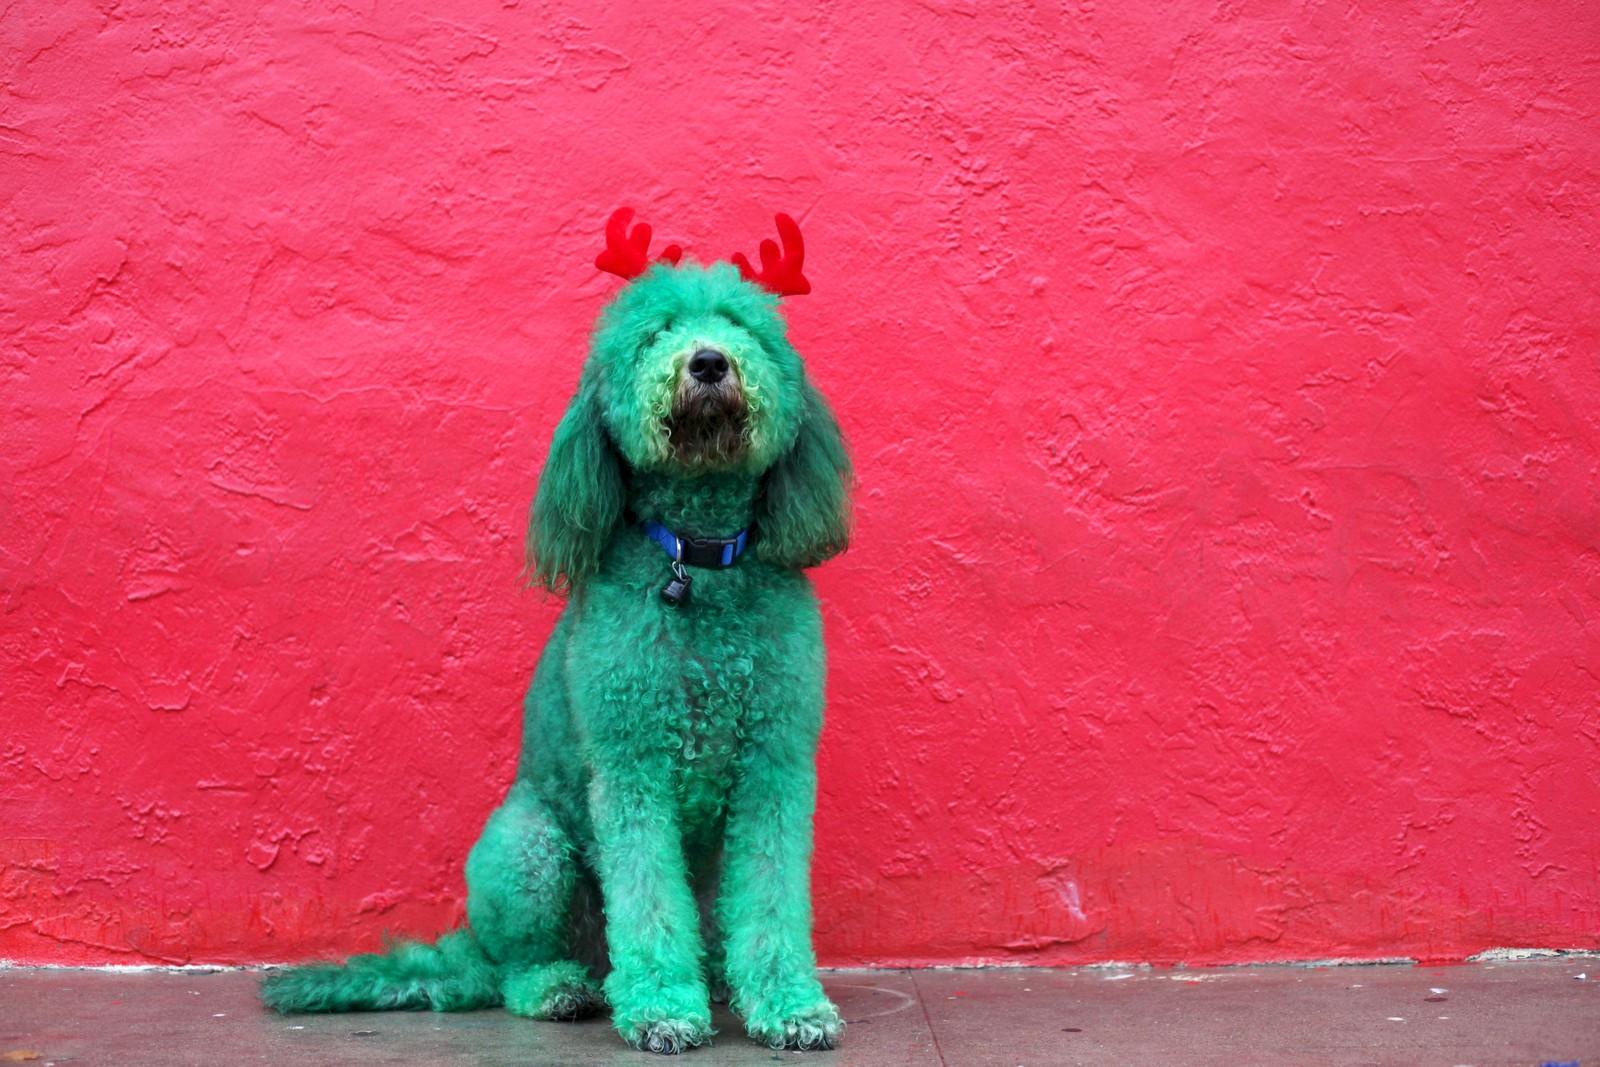 Denne hunden har farget pelsen grønn i anledning Thanksgiving-paraden i El Paso, Texas.